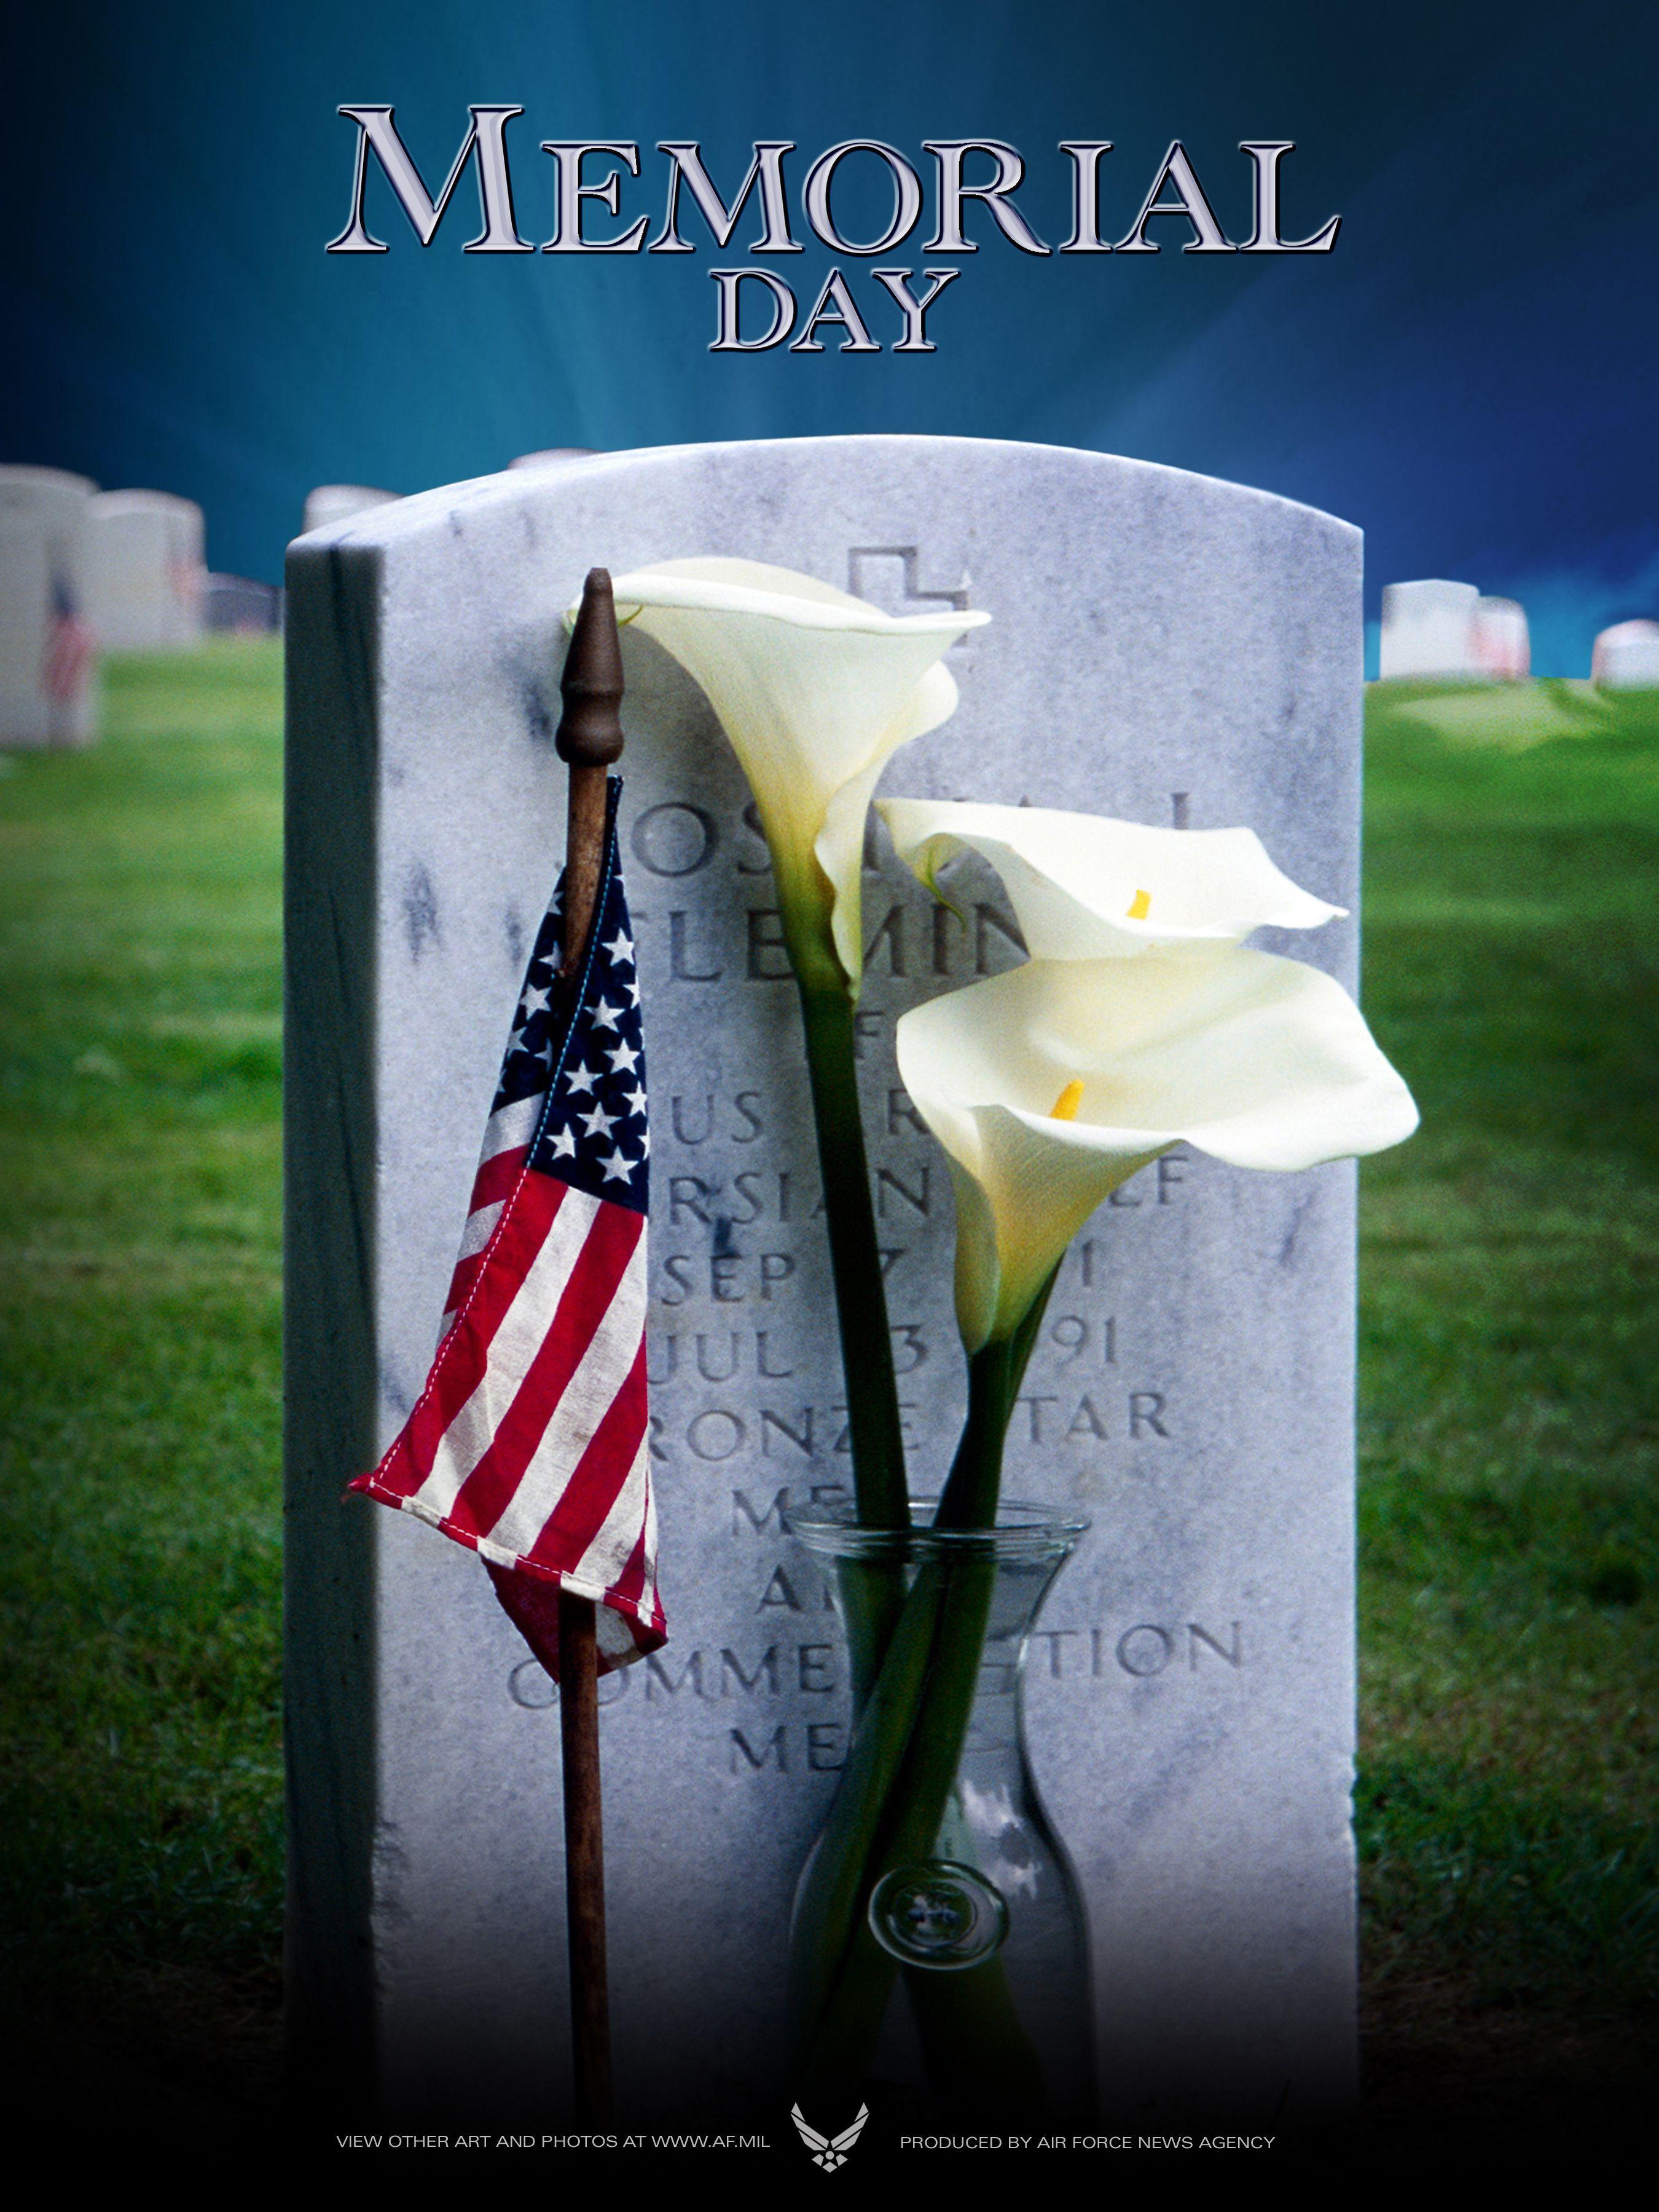 Memorial Day Wallpapers - Top Free Memorial Day ...